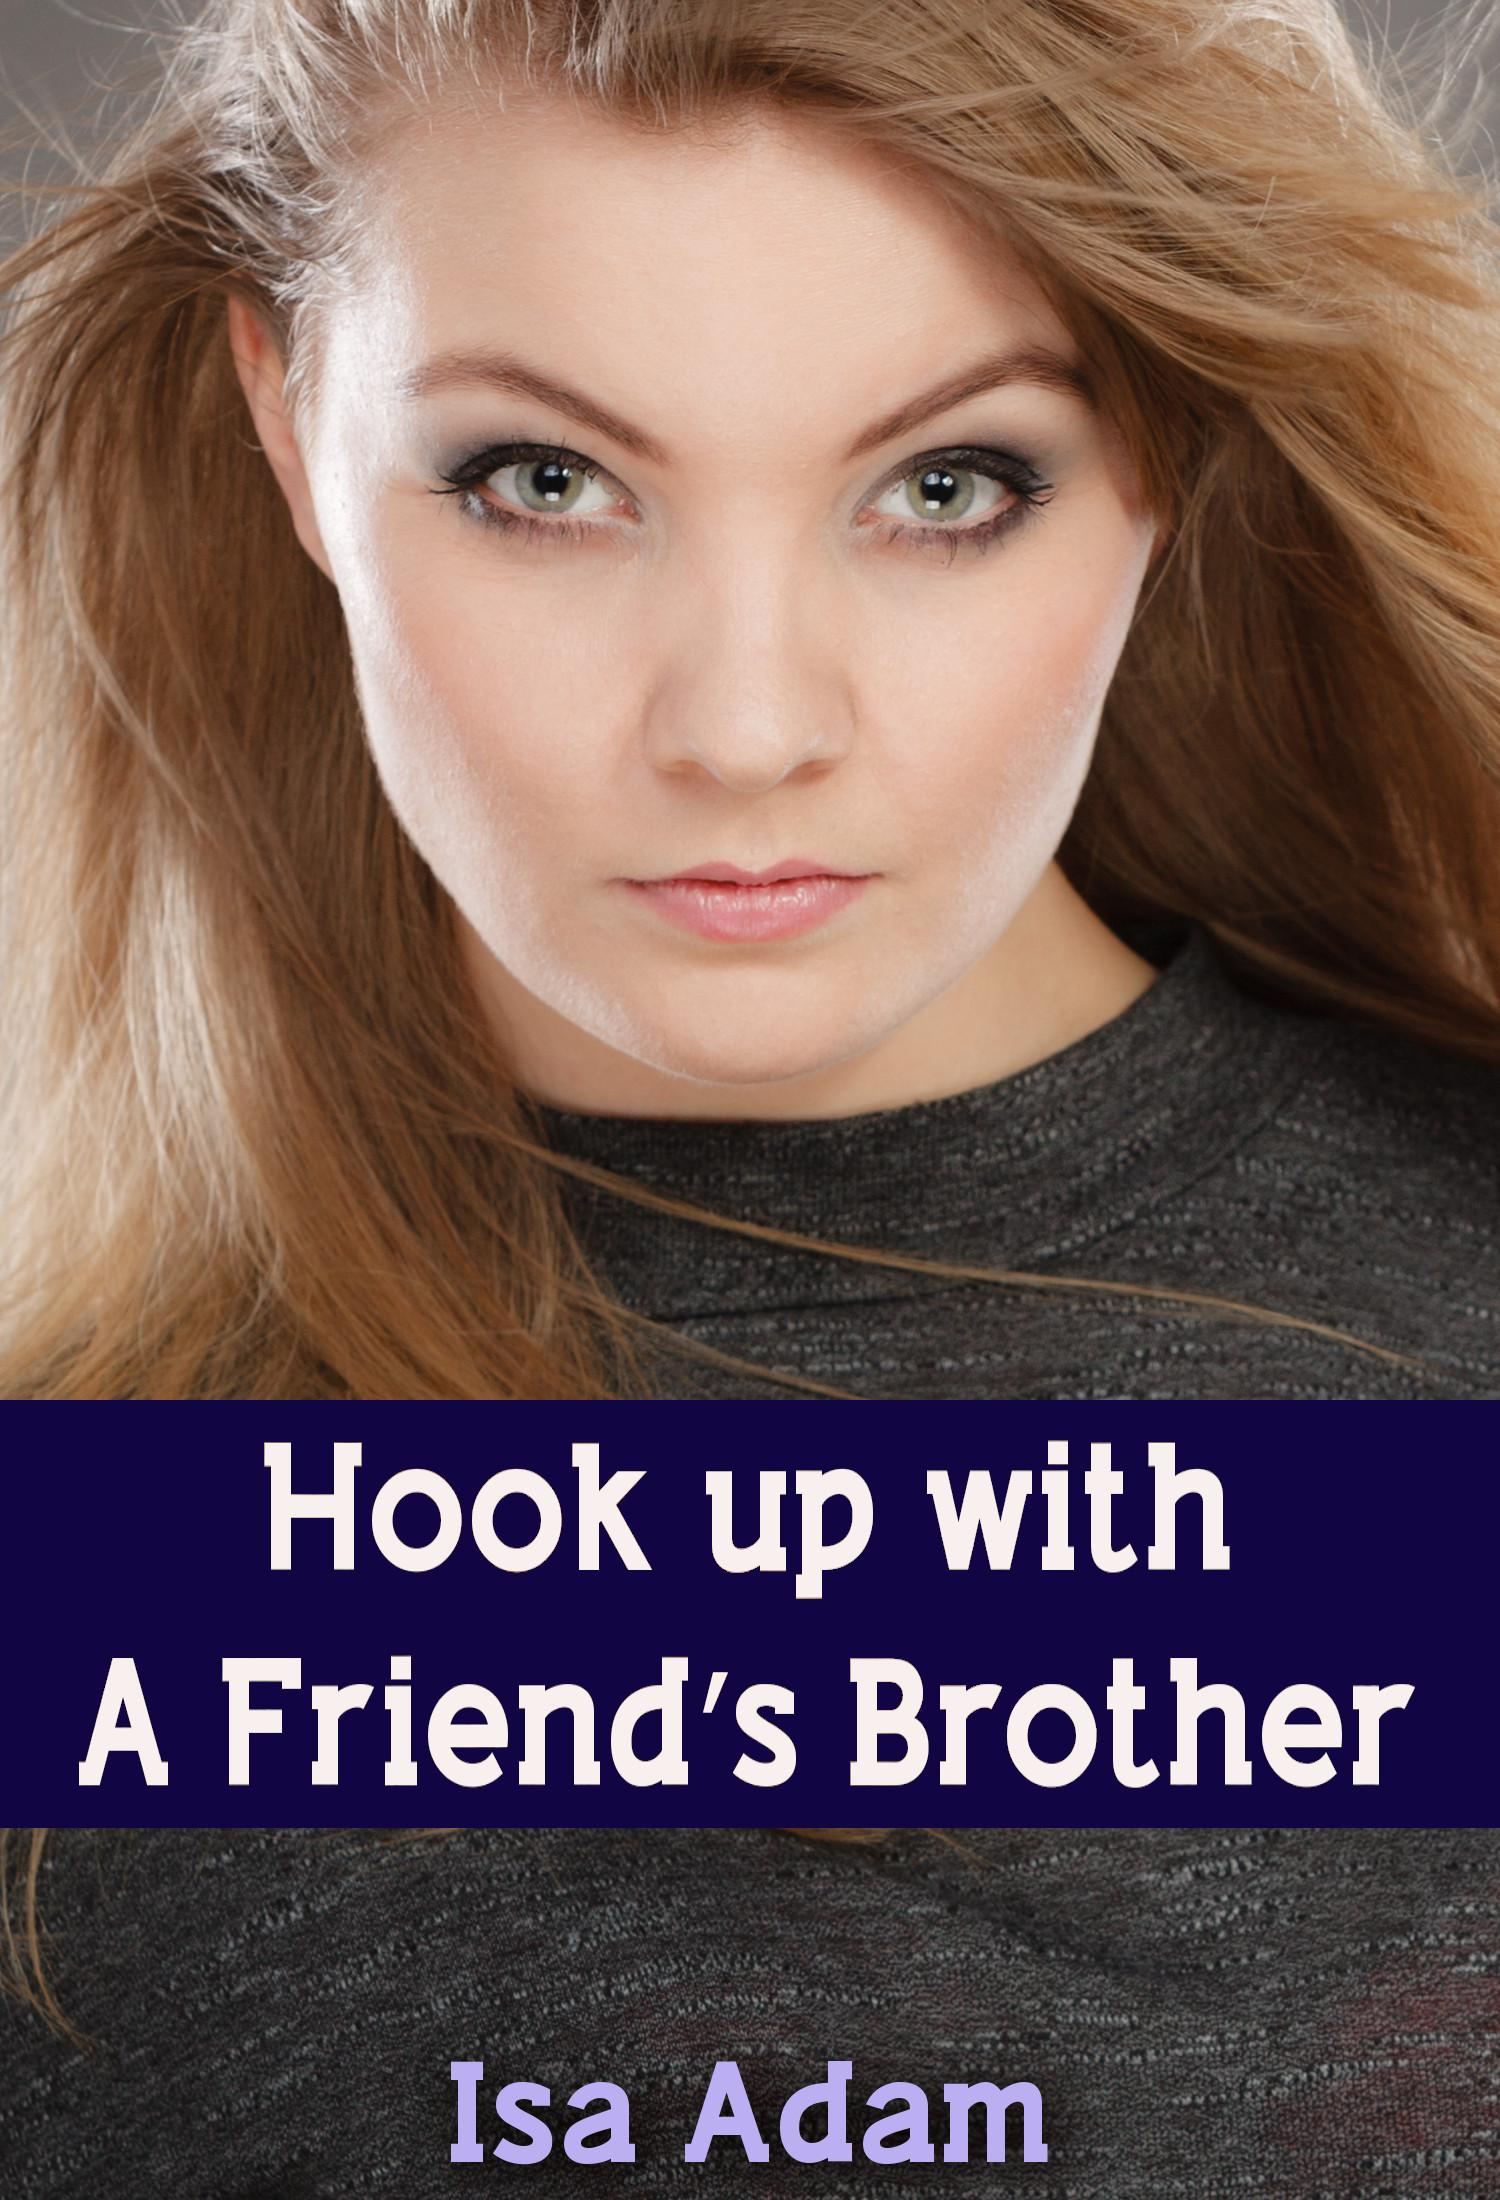 hook up friend